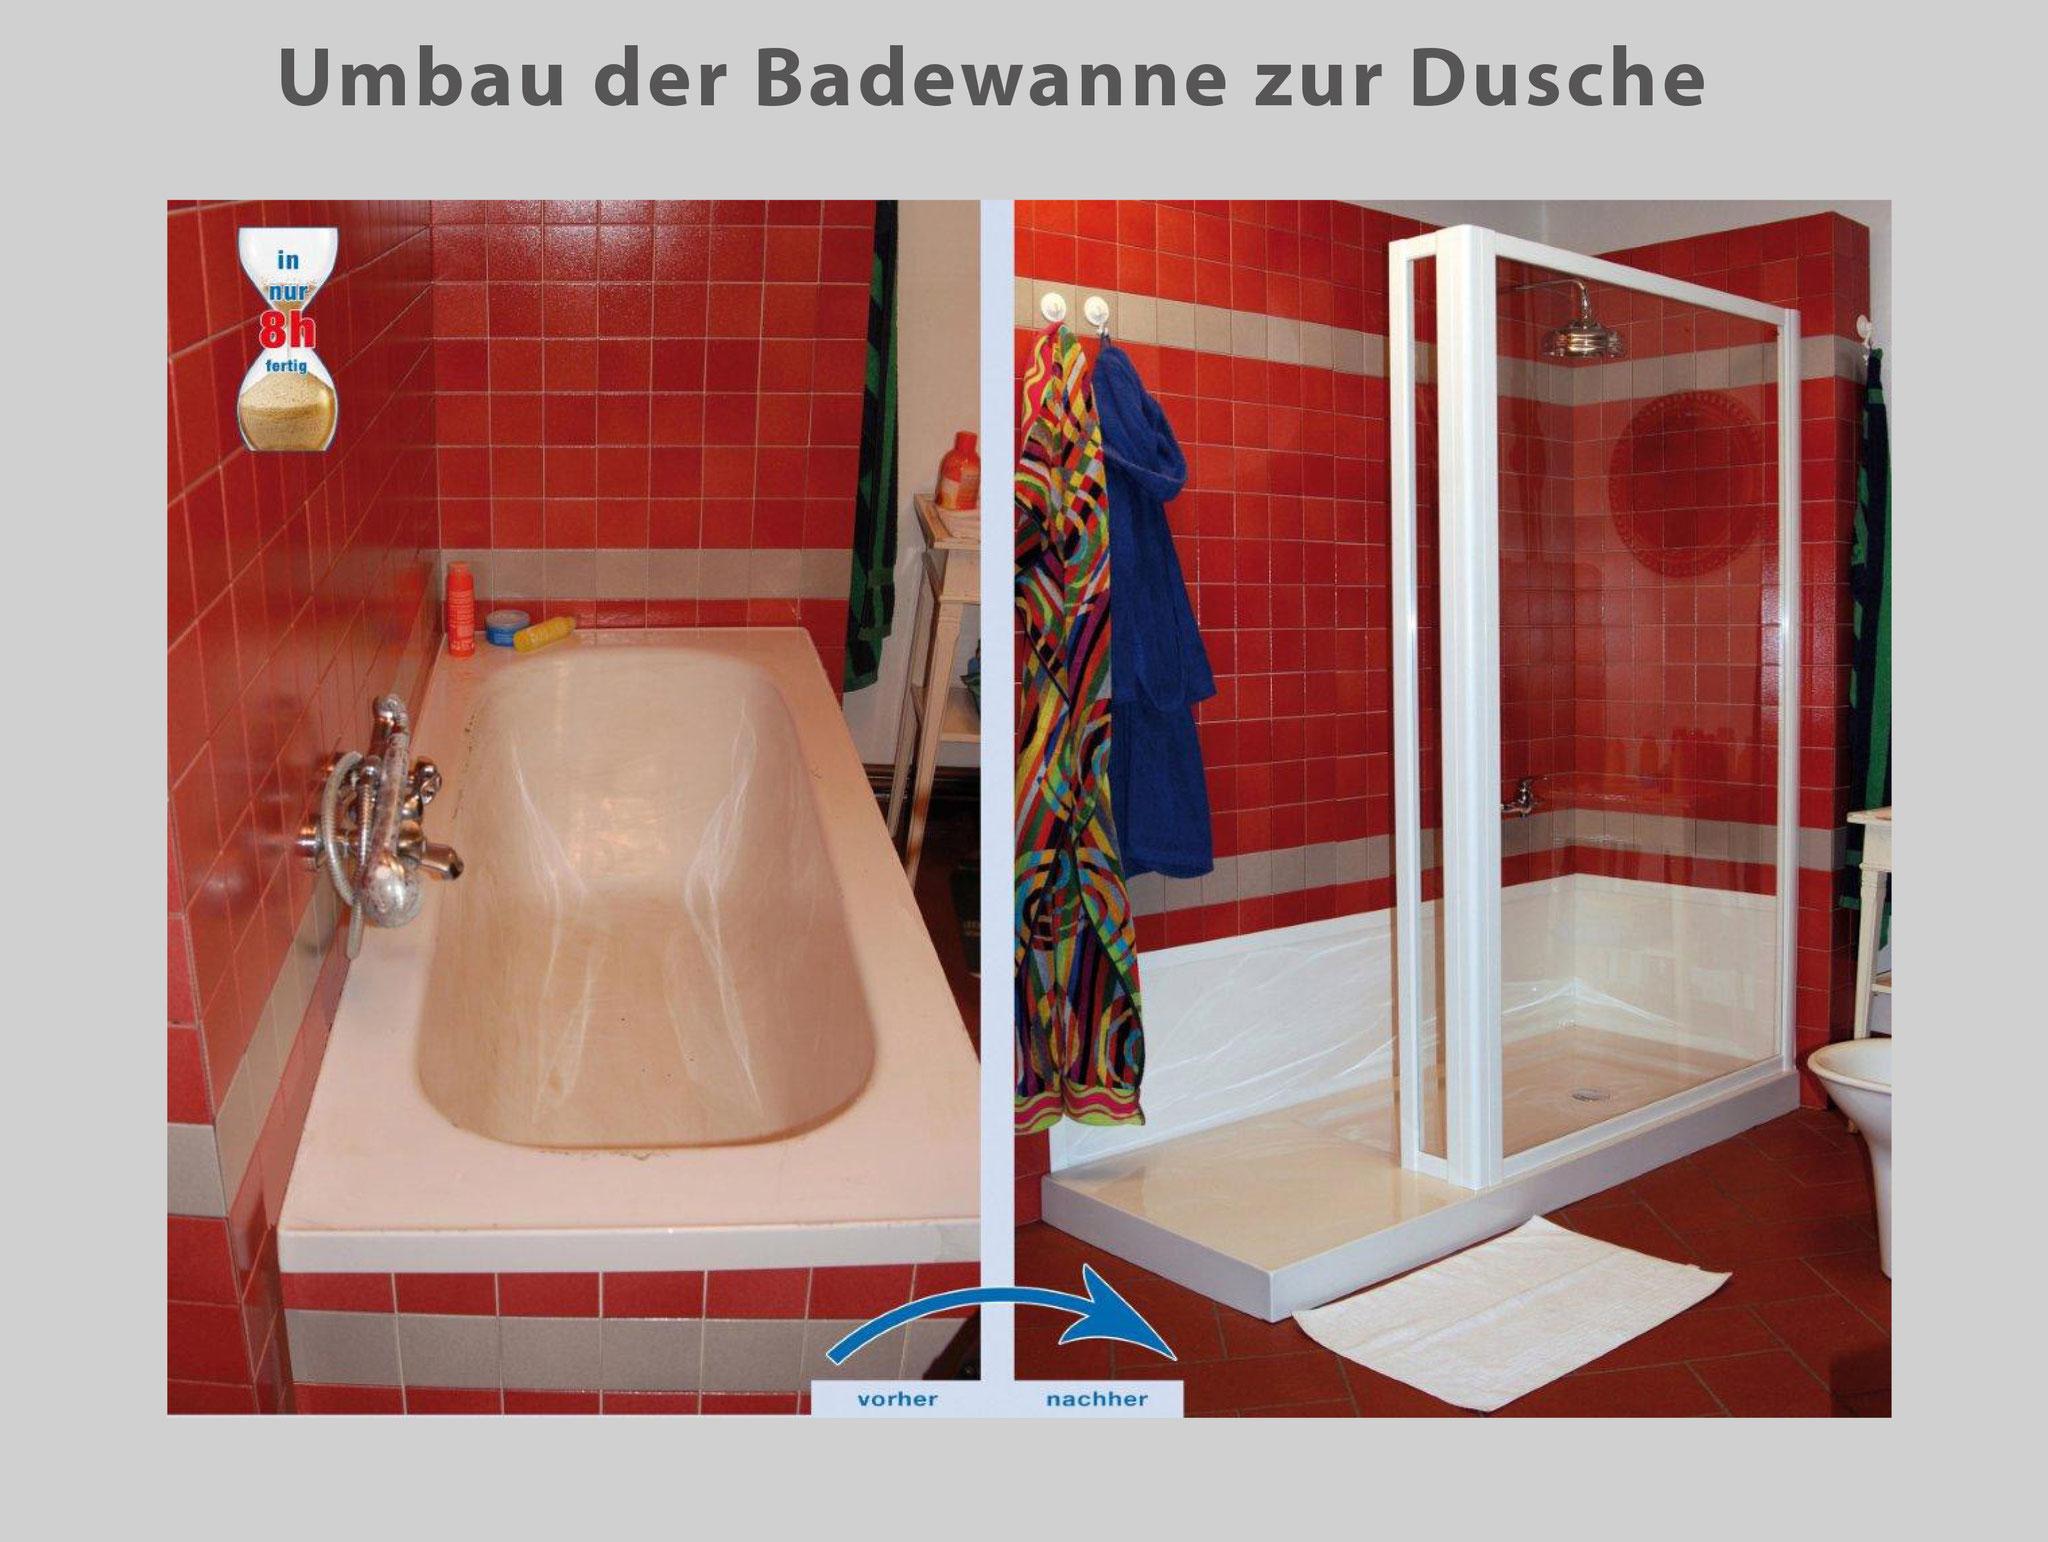 Wanne zur Dusche   Badewanne raus – Dusche rein   Bad ...